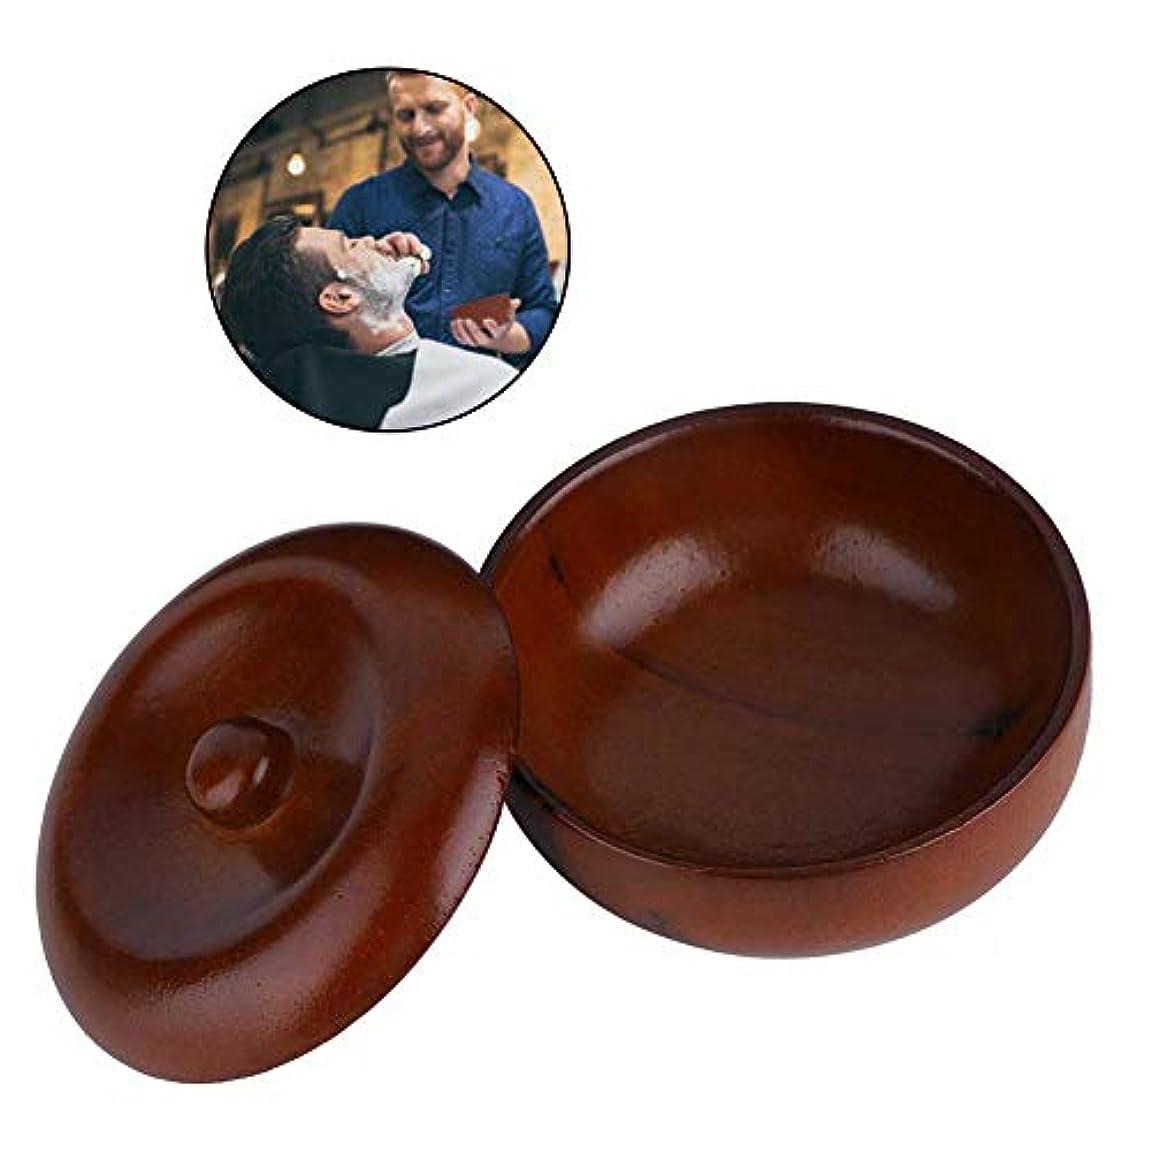 例サークルお風呂を持っているシェービングフォームボウル品質ゴム木シェービングクリームボウルに適しヘアサロンホームシェービングフォーム